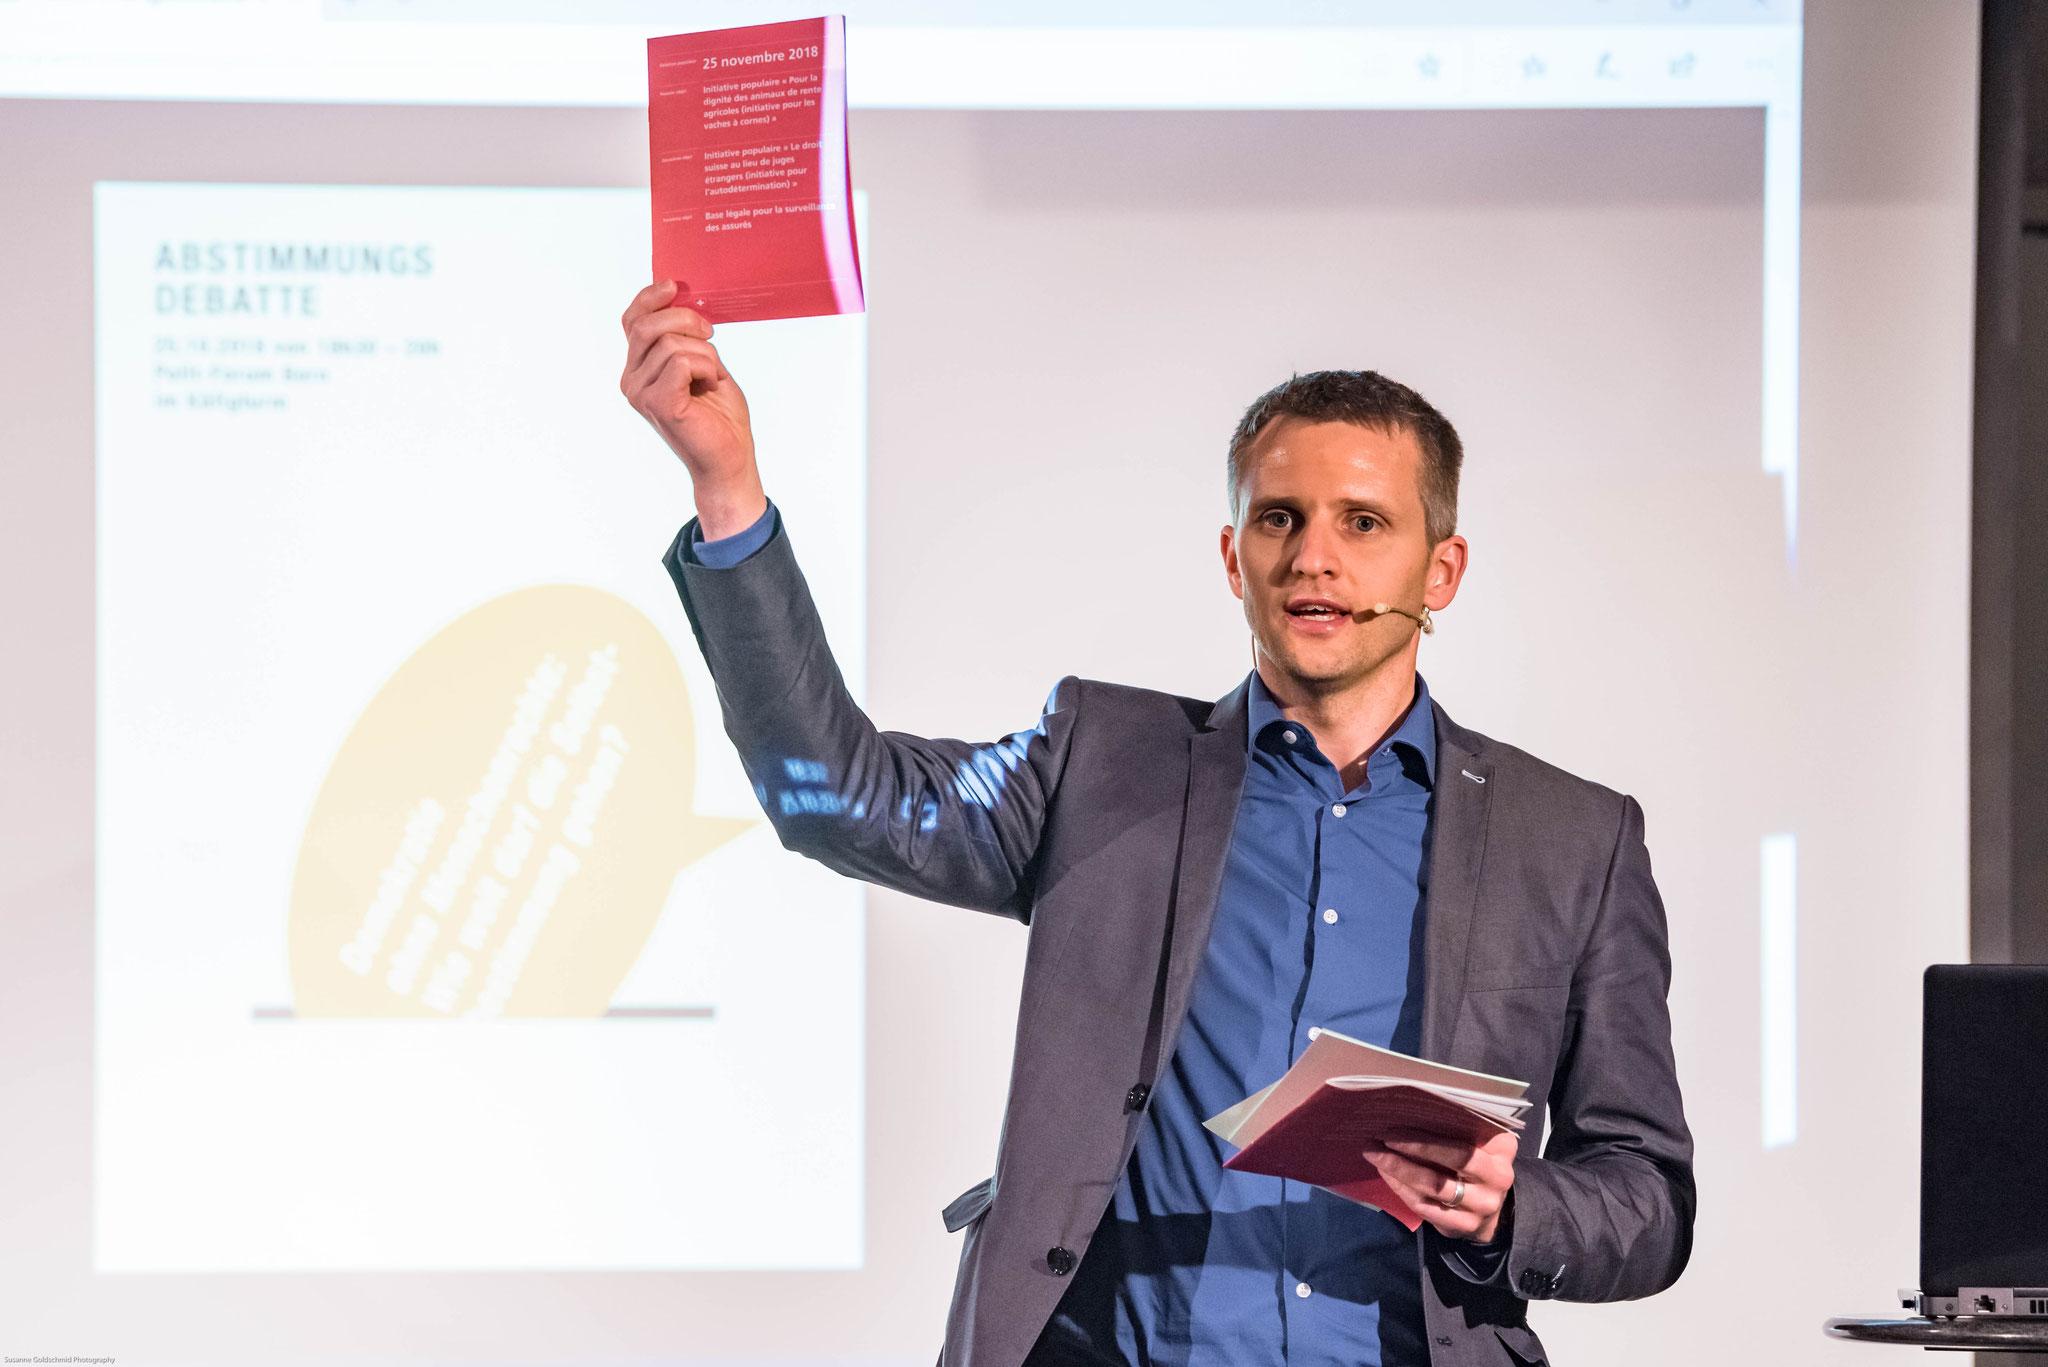 Dr. des. Michael U. Braunschweig (Directeur Fachstelle Reformierte im Dialog)